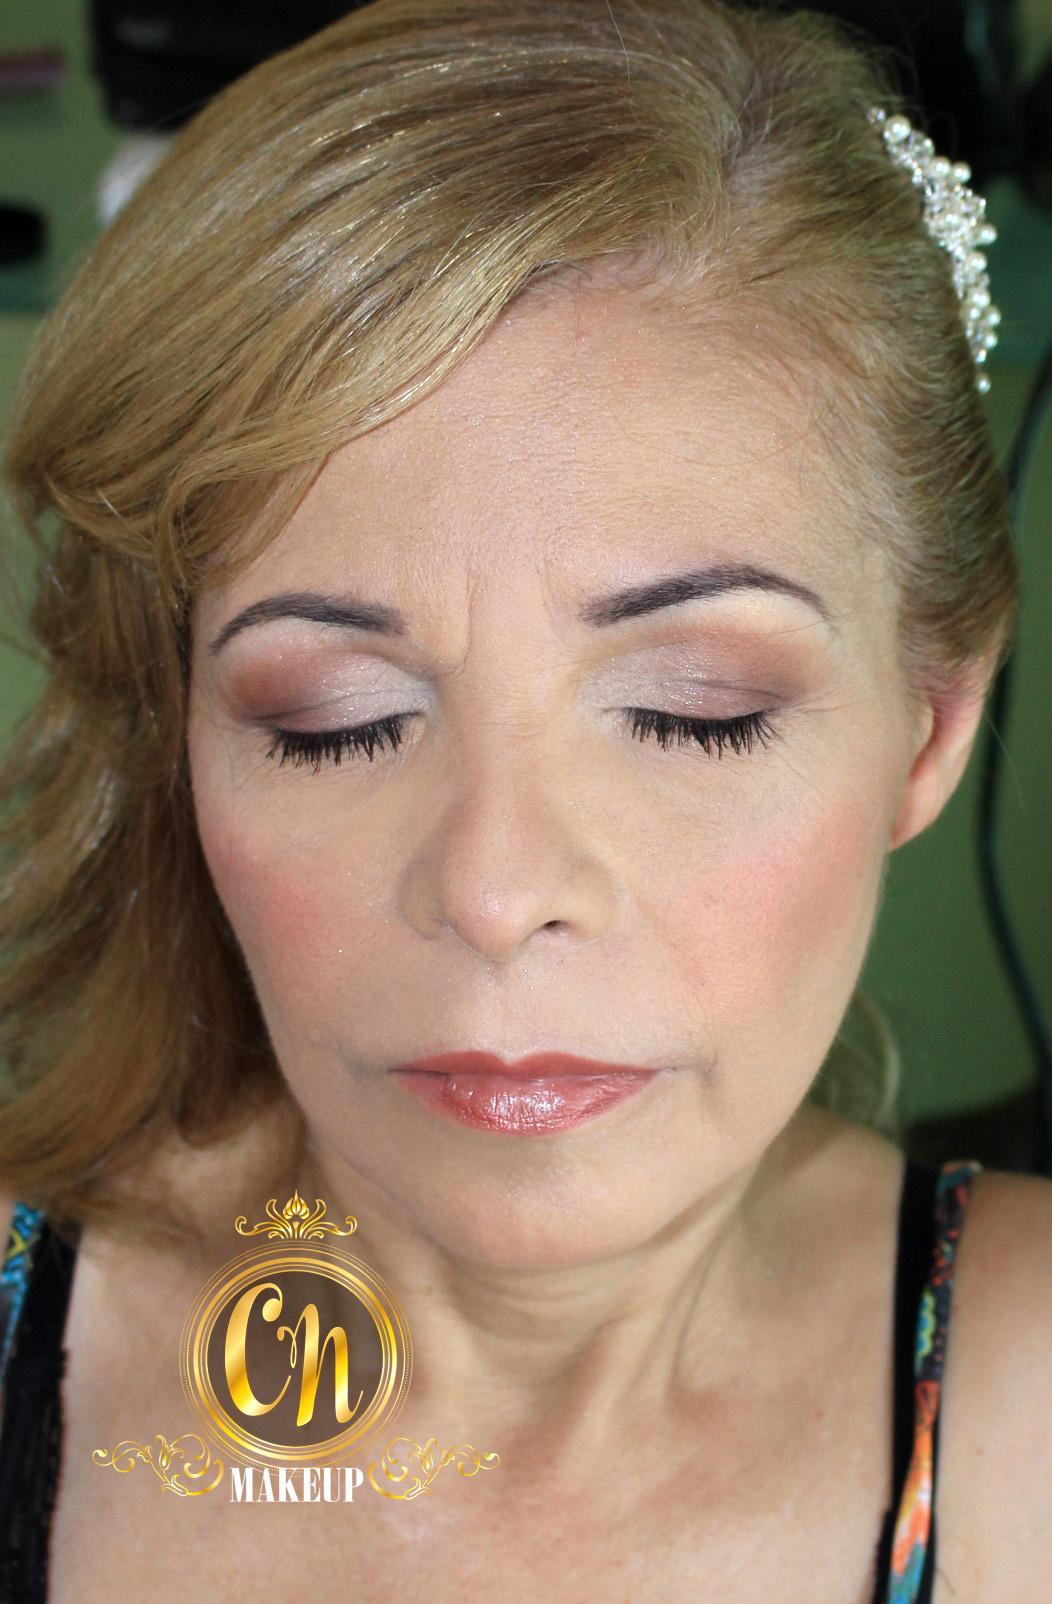 Maquiagem super suave para mãe da noiva, casamento na praia, ela pediu o mais natural possível :3 . #maquiagem #maquiagempro #maquiagemubatuba #maquiagemcasamento #pelemadura #maquiagempelemadura #antesedepois #producao #maedanoiva #maquiadoraubatuba #portfolio #mua #makeuptransformation #beforeafter maquiagem maquiador(a)